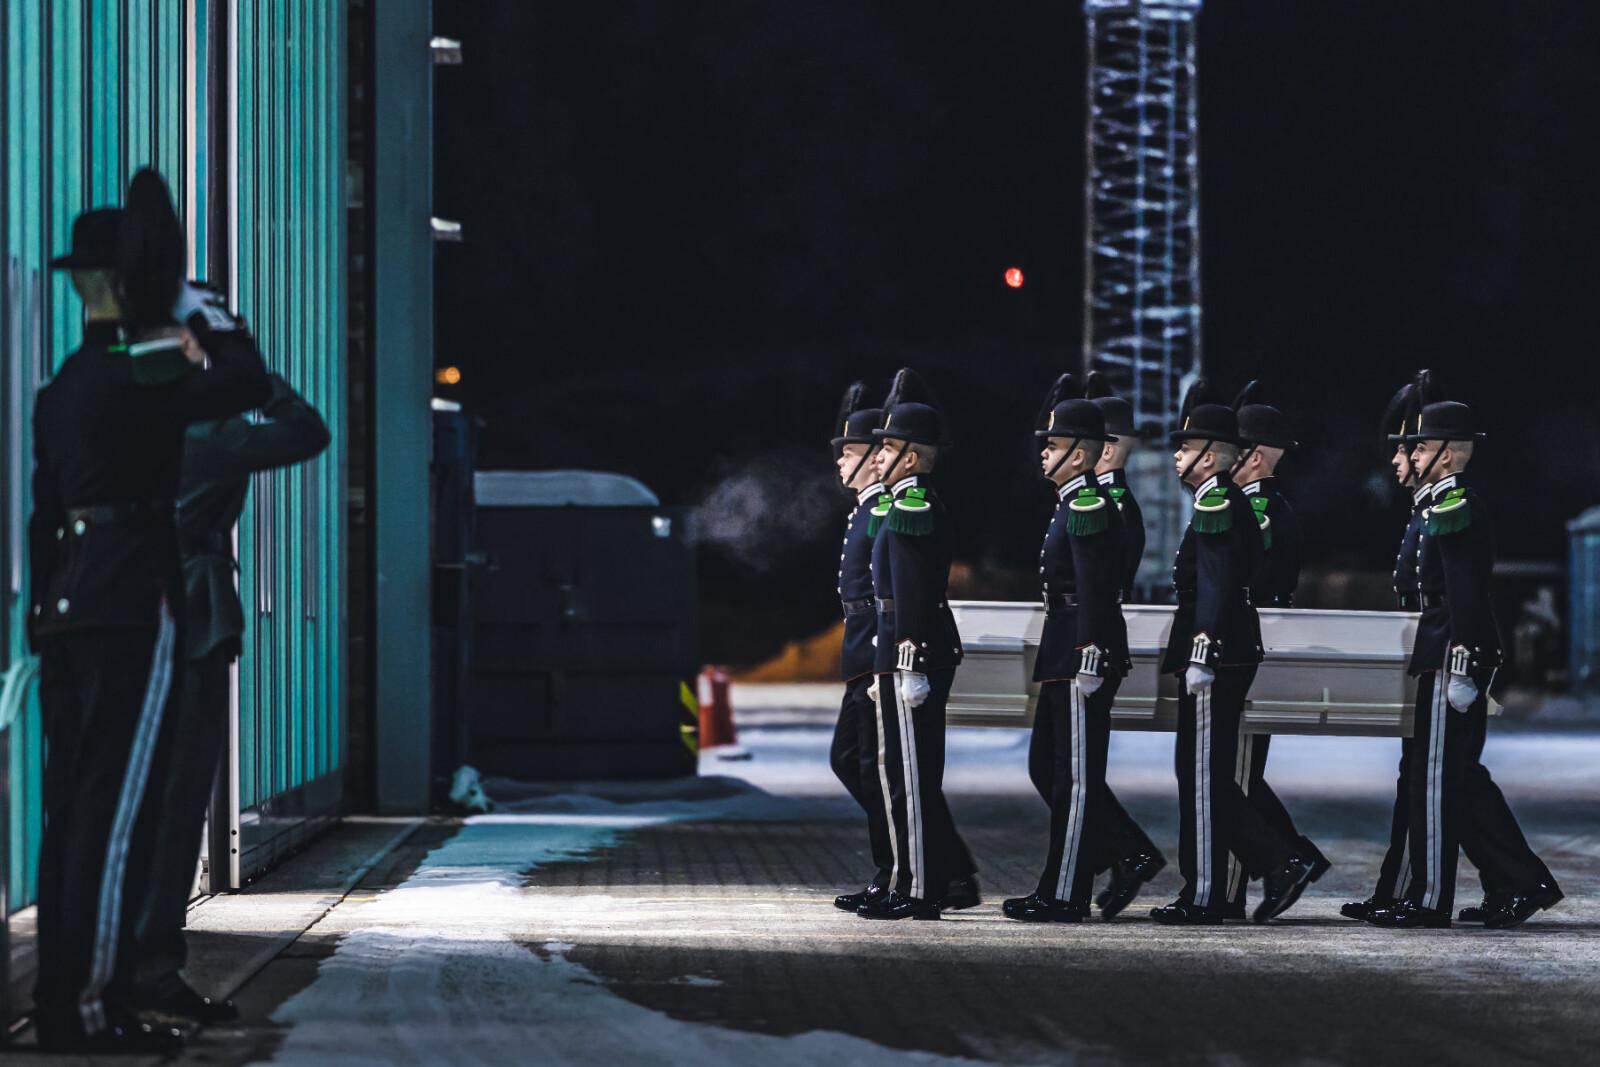 På Gardermoen flystasjon ble det avholdt en seremoni med de pårørende.